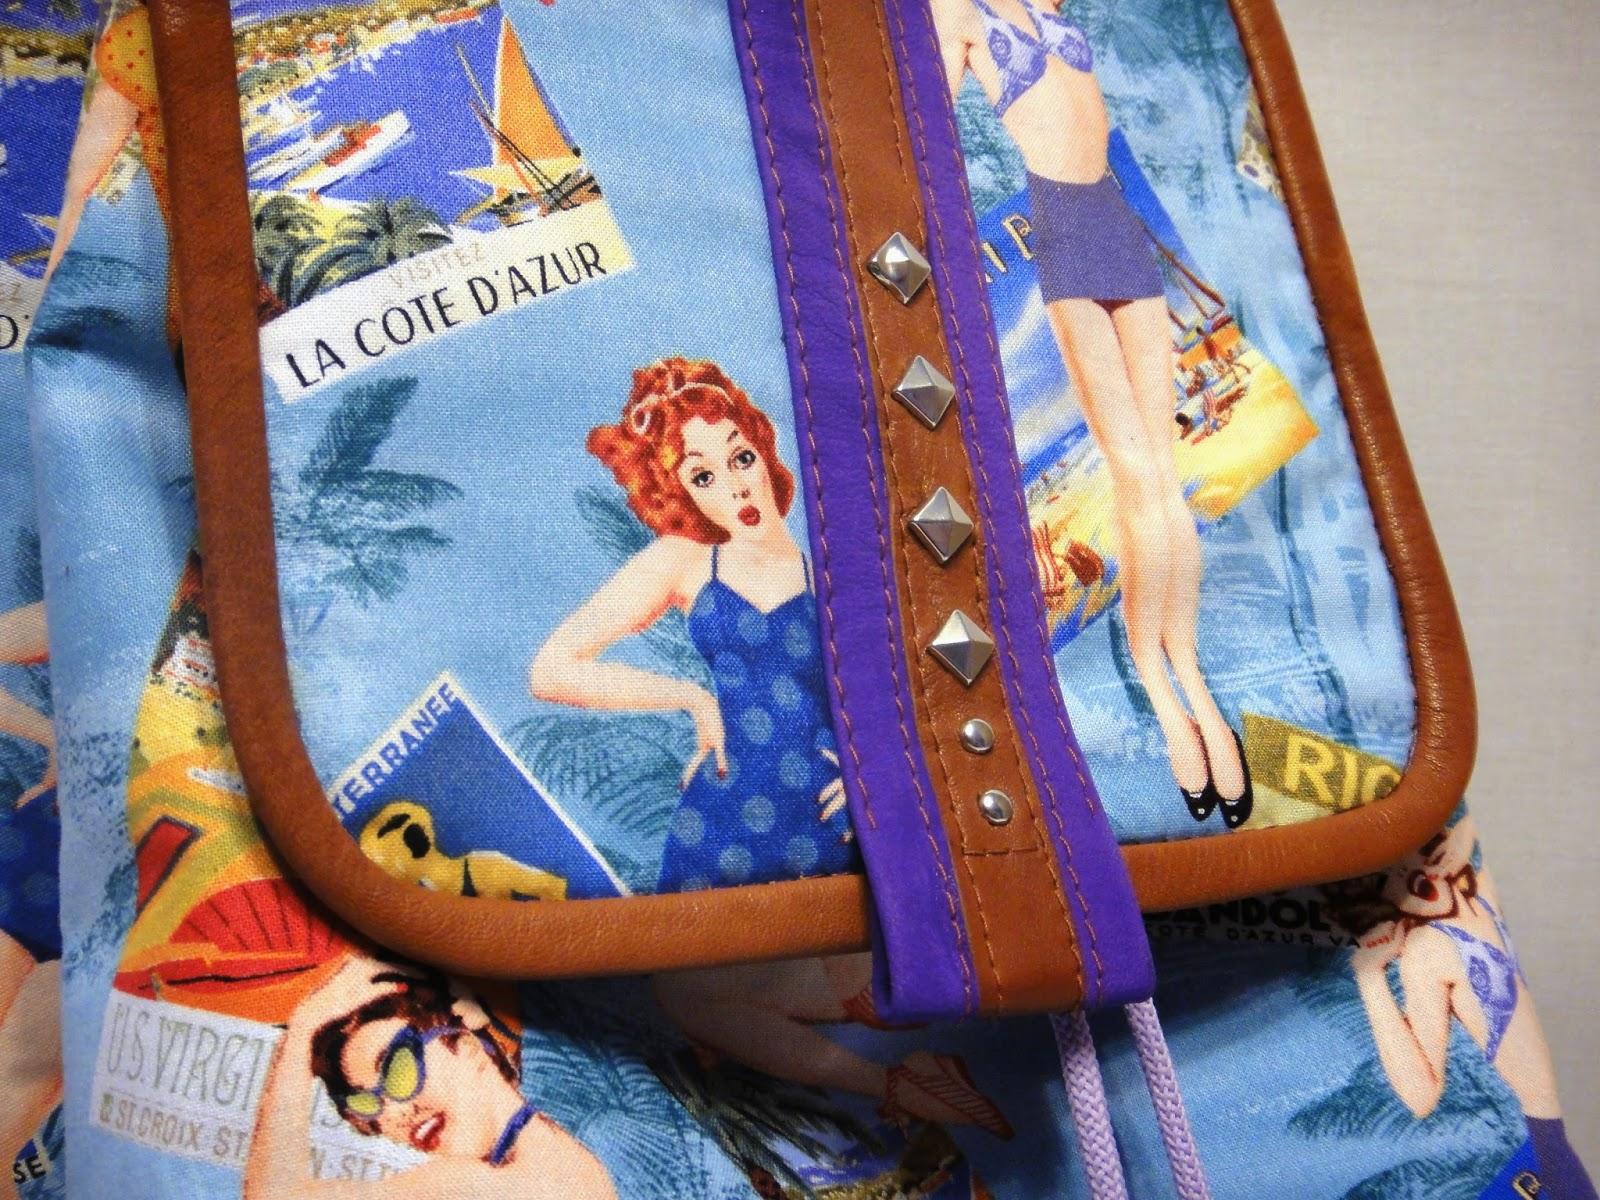 летний рюкзак для девушки с красивым принтом пин-ап